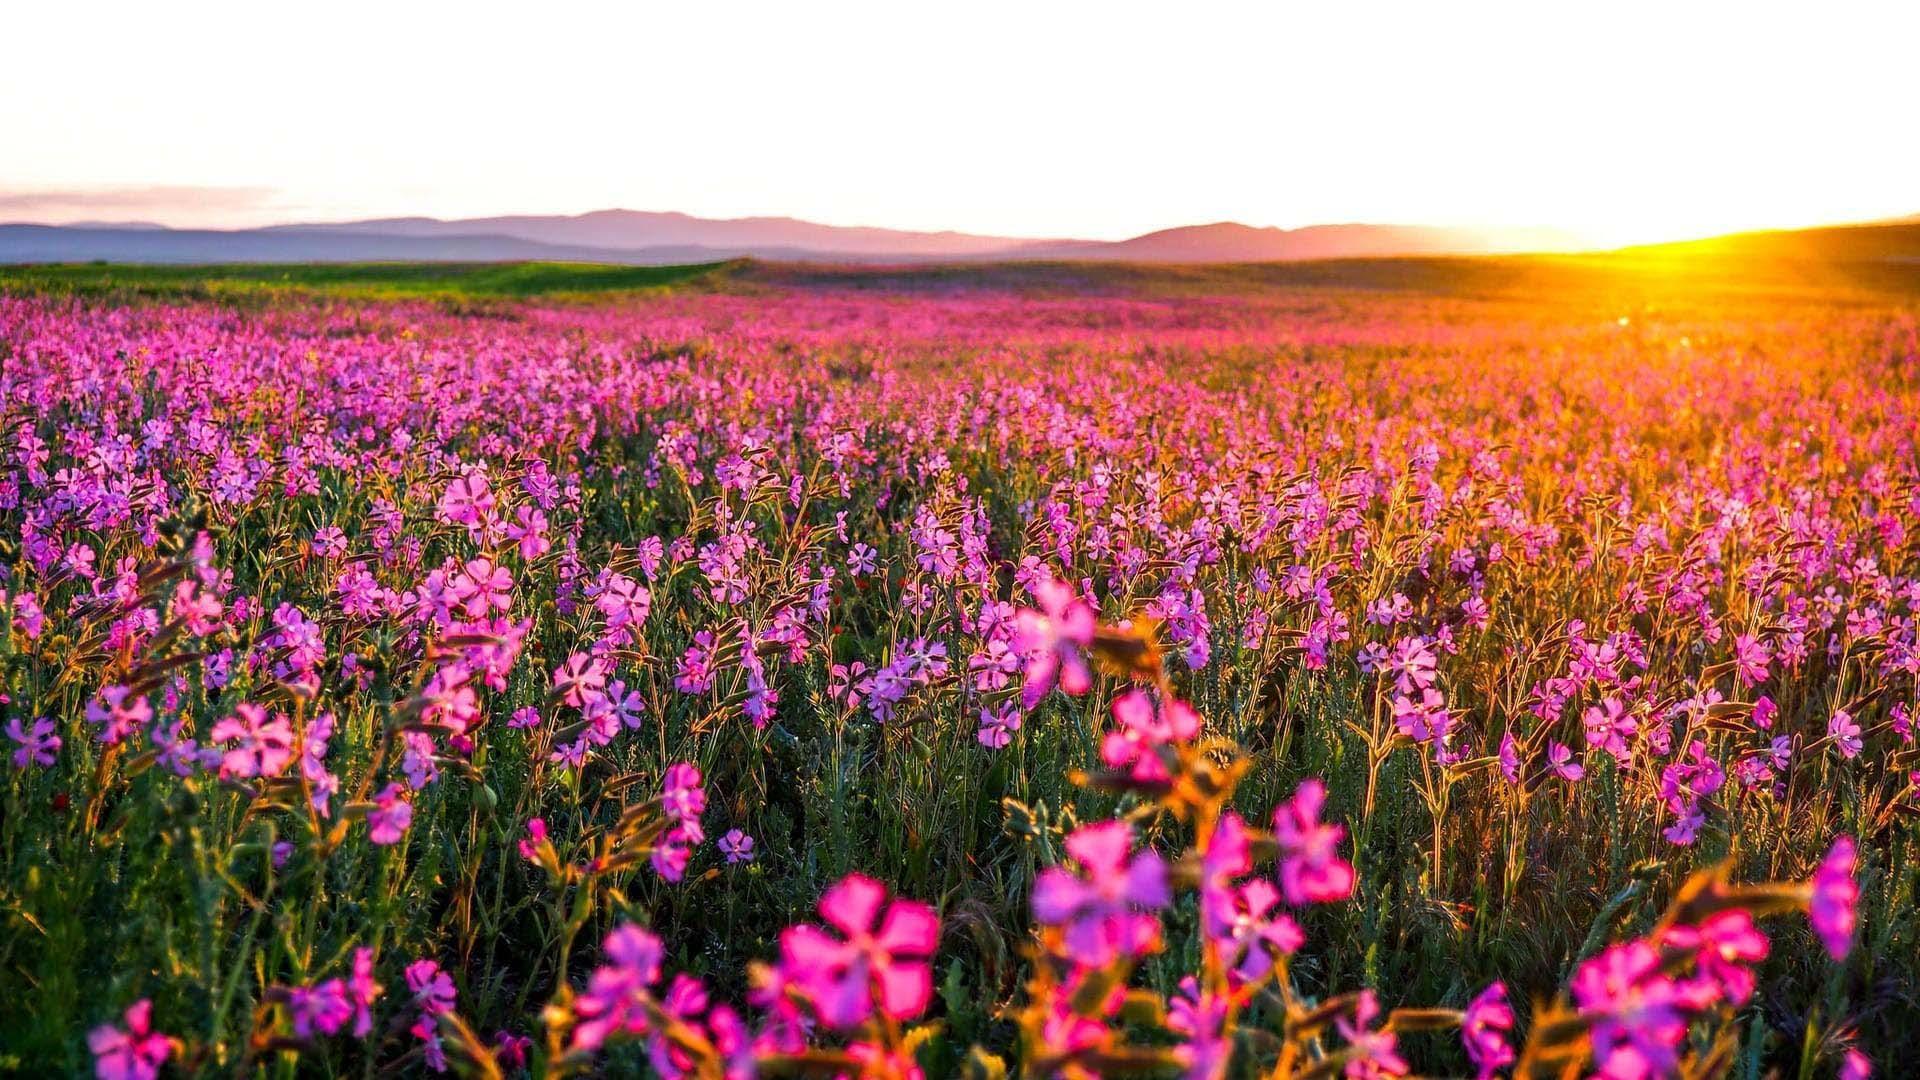 Flower field wallpaper HD